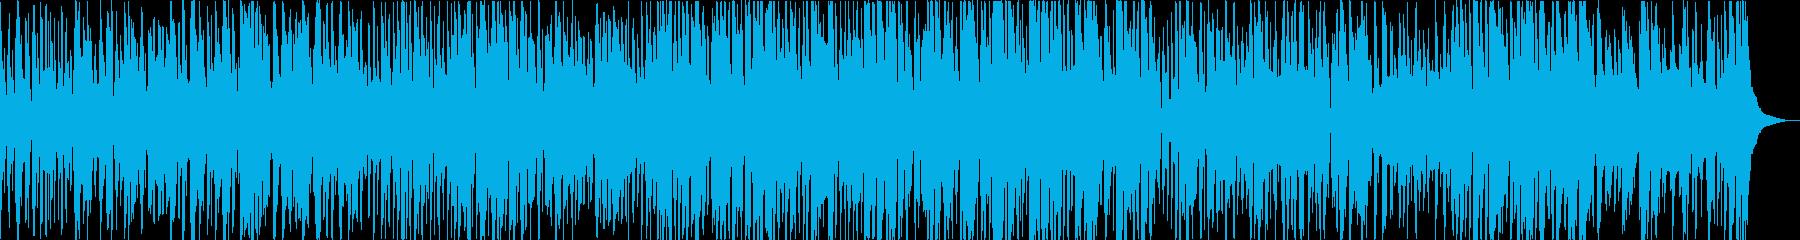 ハッピーな雰囲気のジャズの再生済みの波形